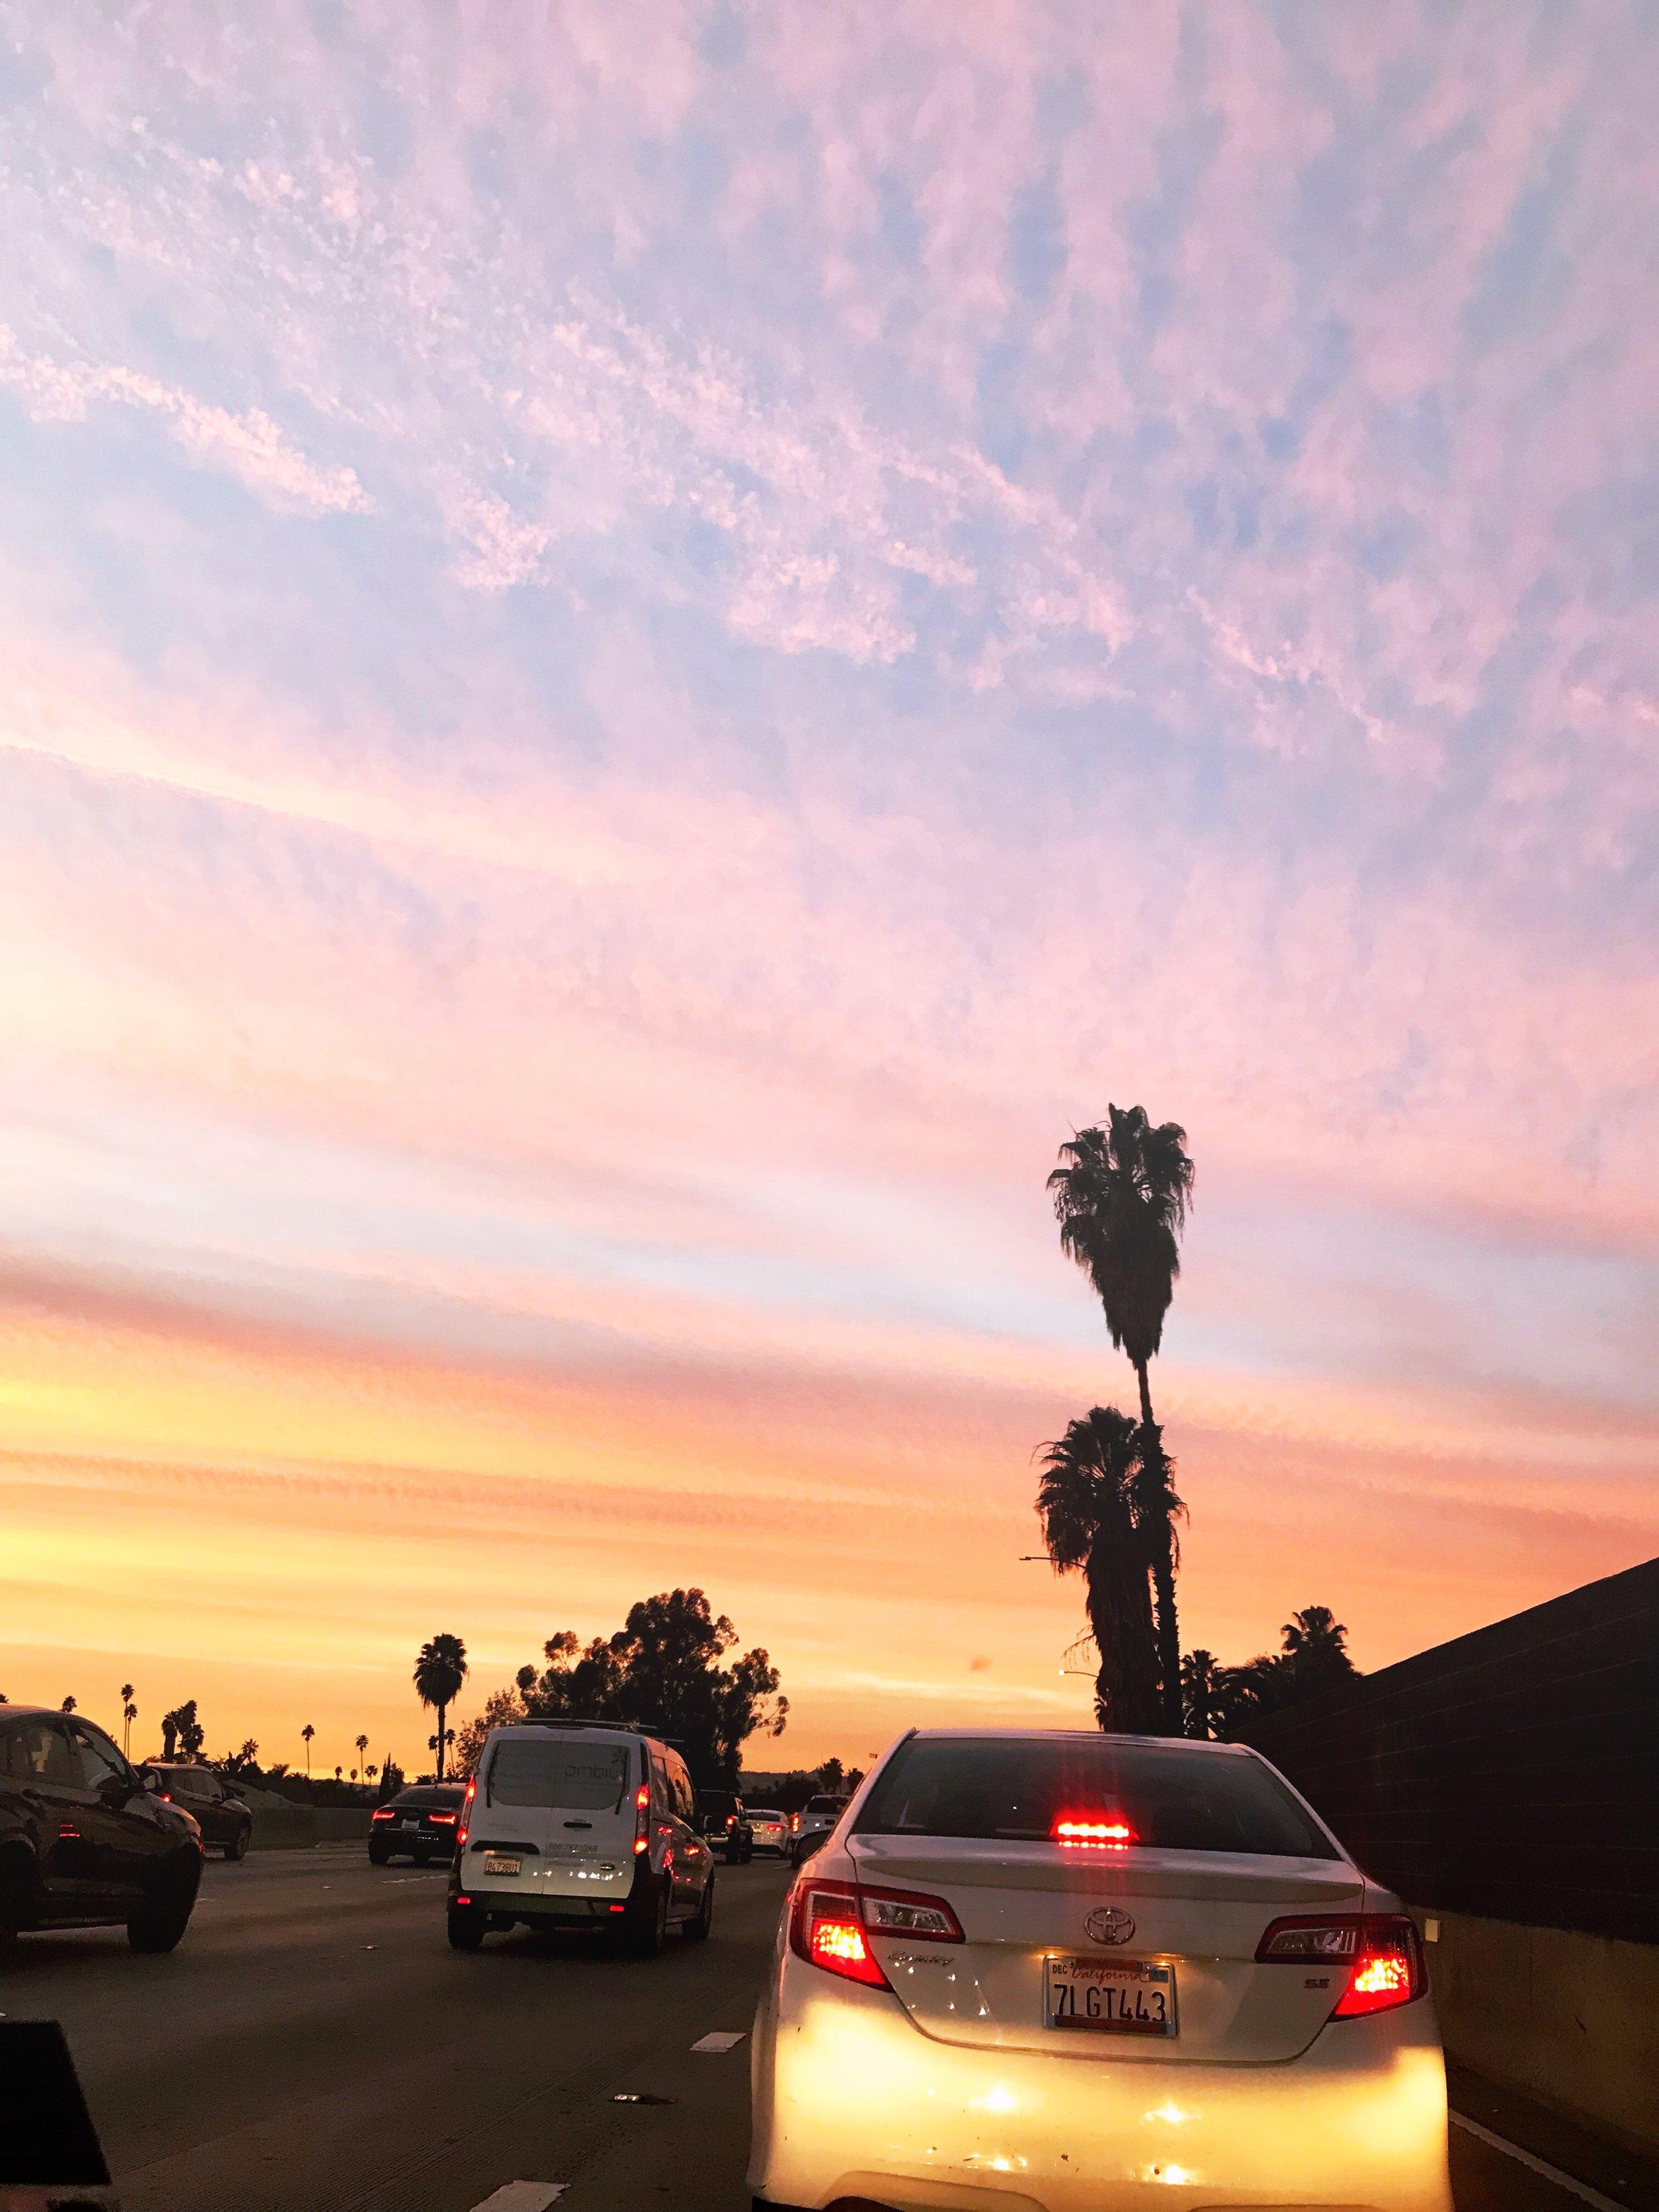 Sunset_Good_Stuff